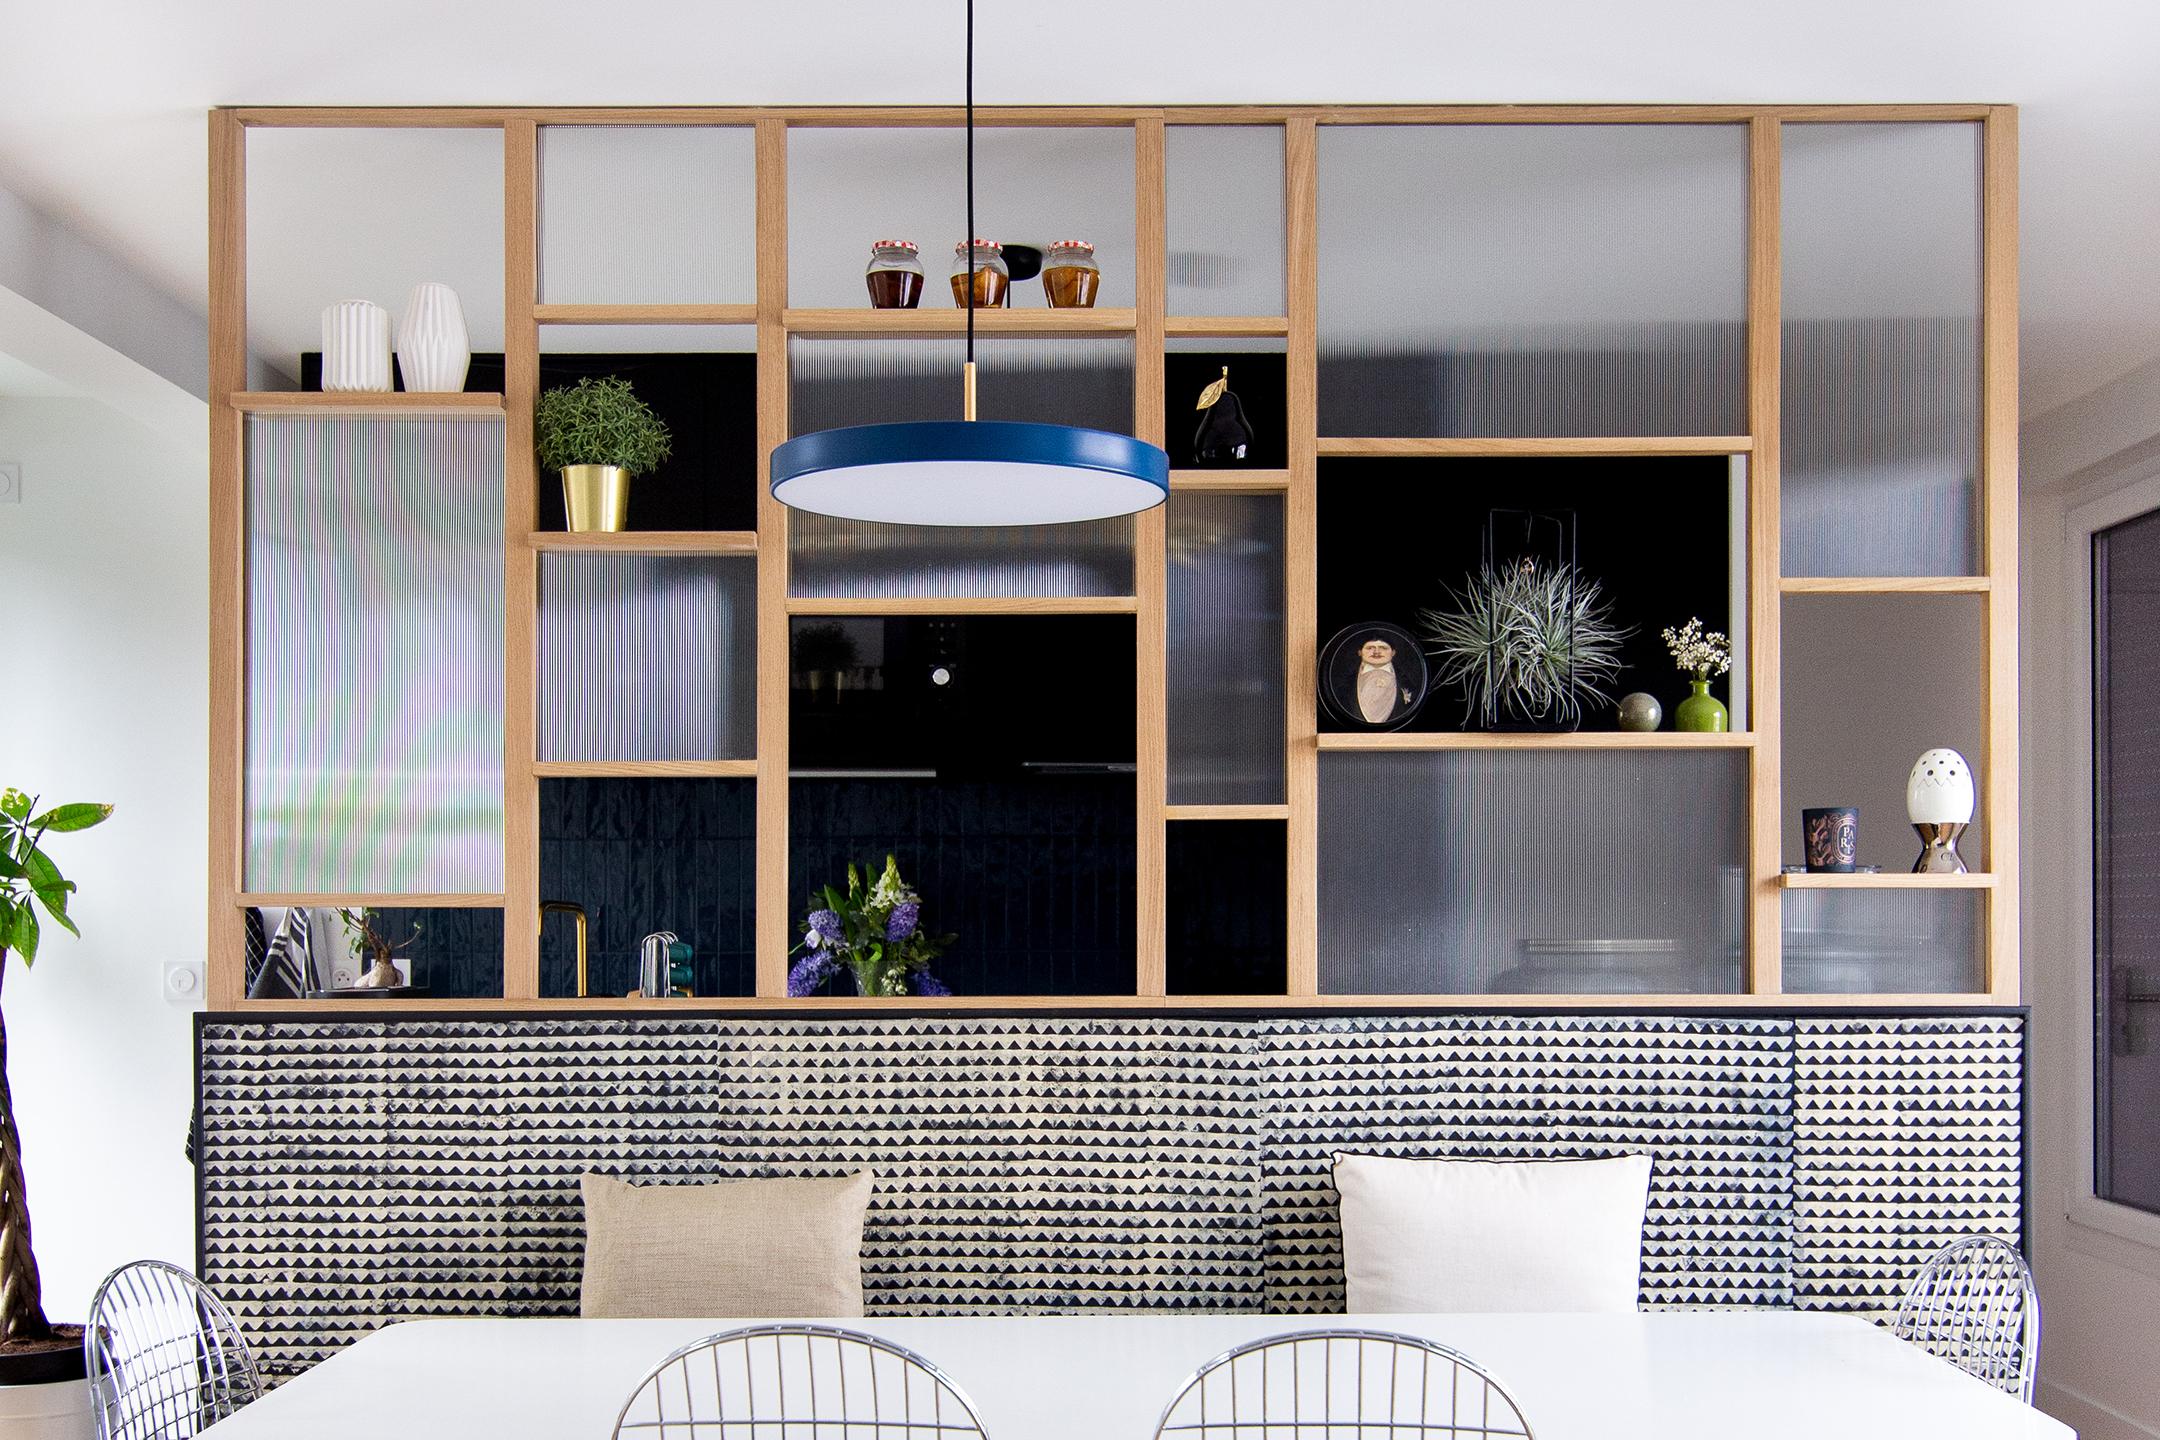 Banquette salle-à-manger et verrière bois - Architecte d'intérieur Studio Mariekke - Paris